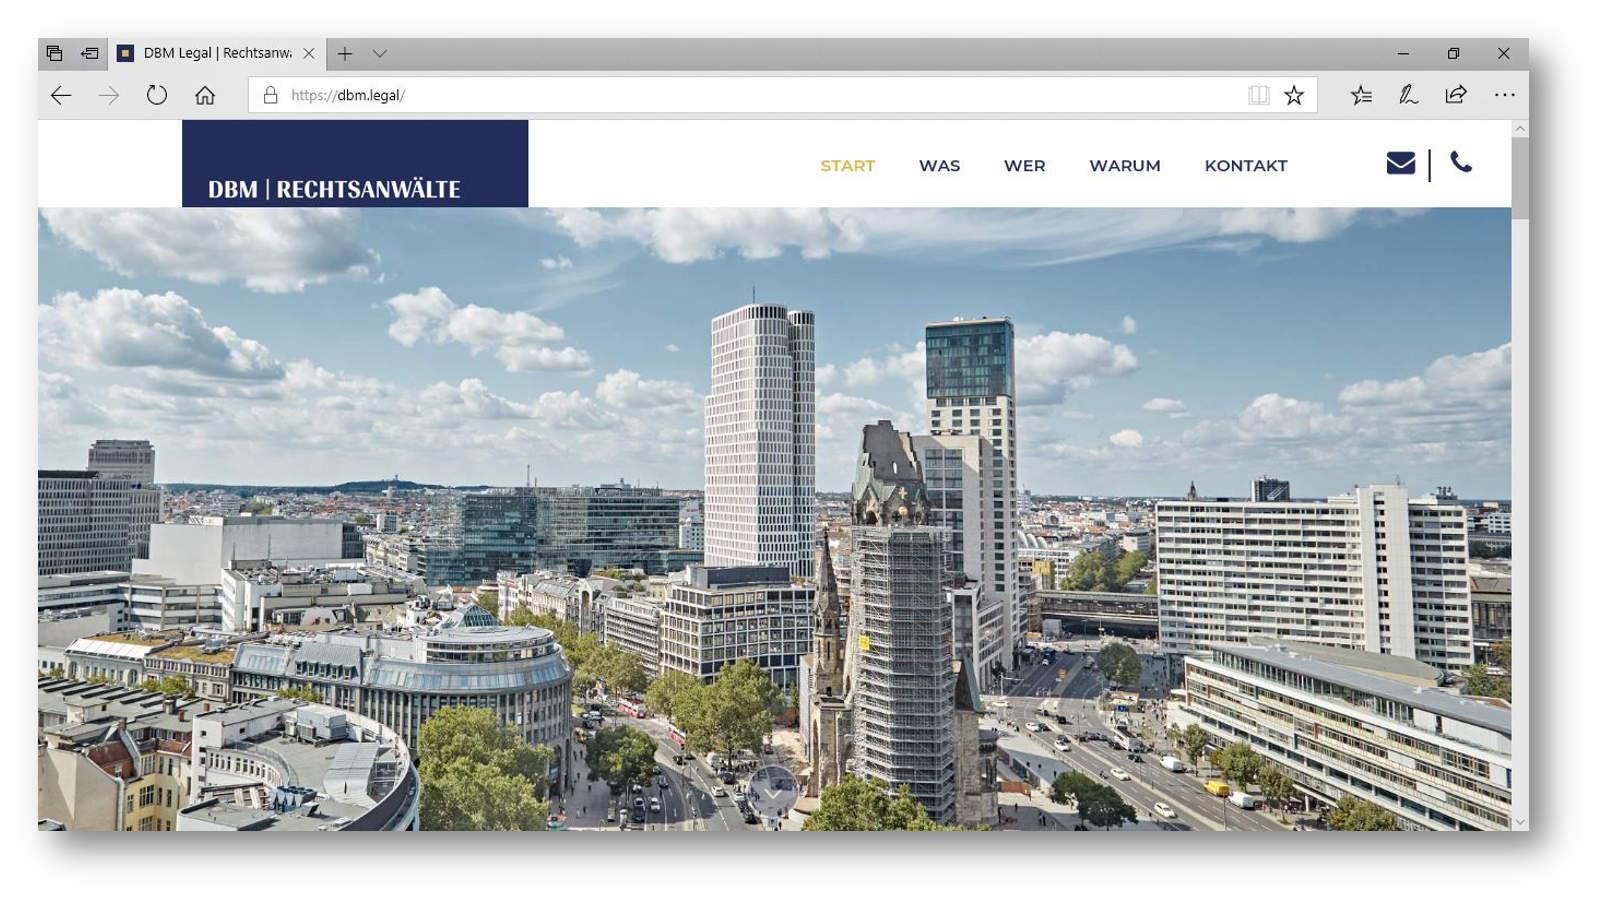 Ausblick aus der Kanzlei über Berlin einer Kanzlei für Wirtschaftsrecht